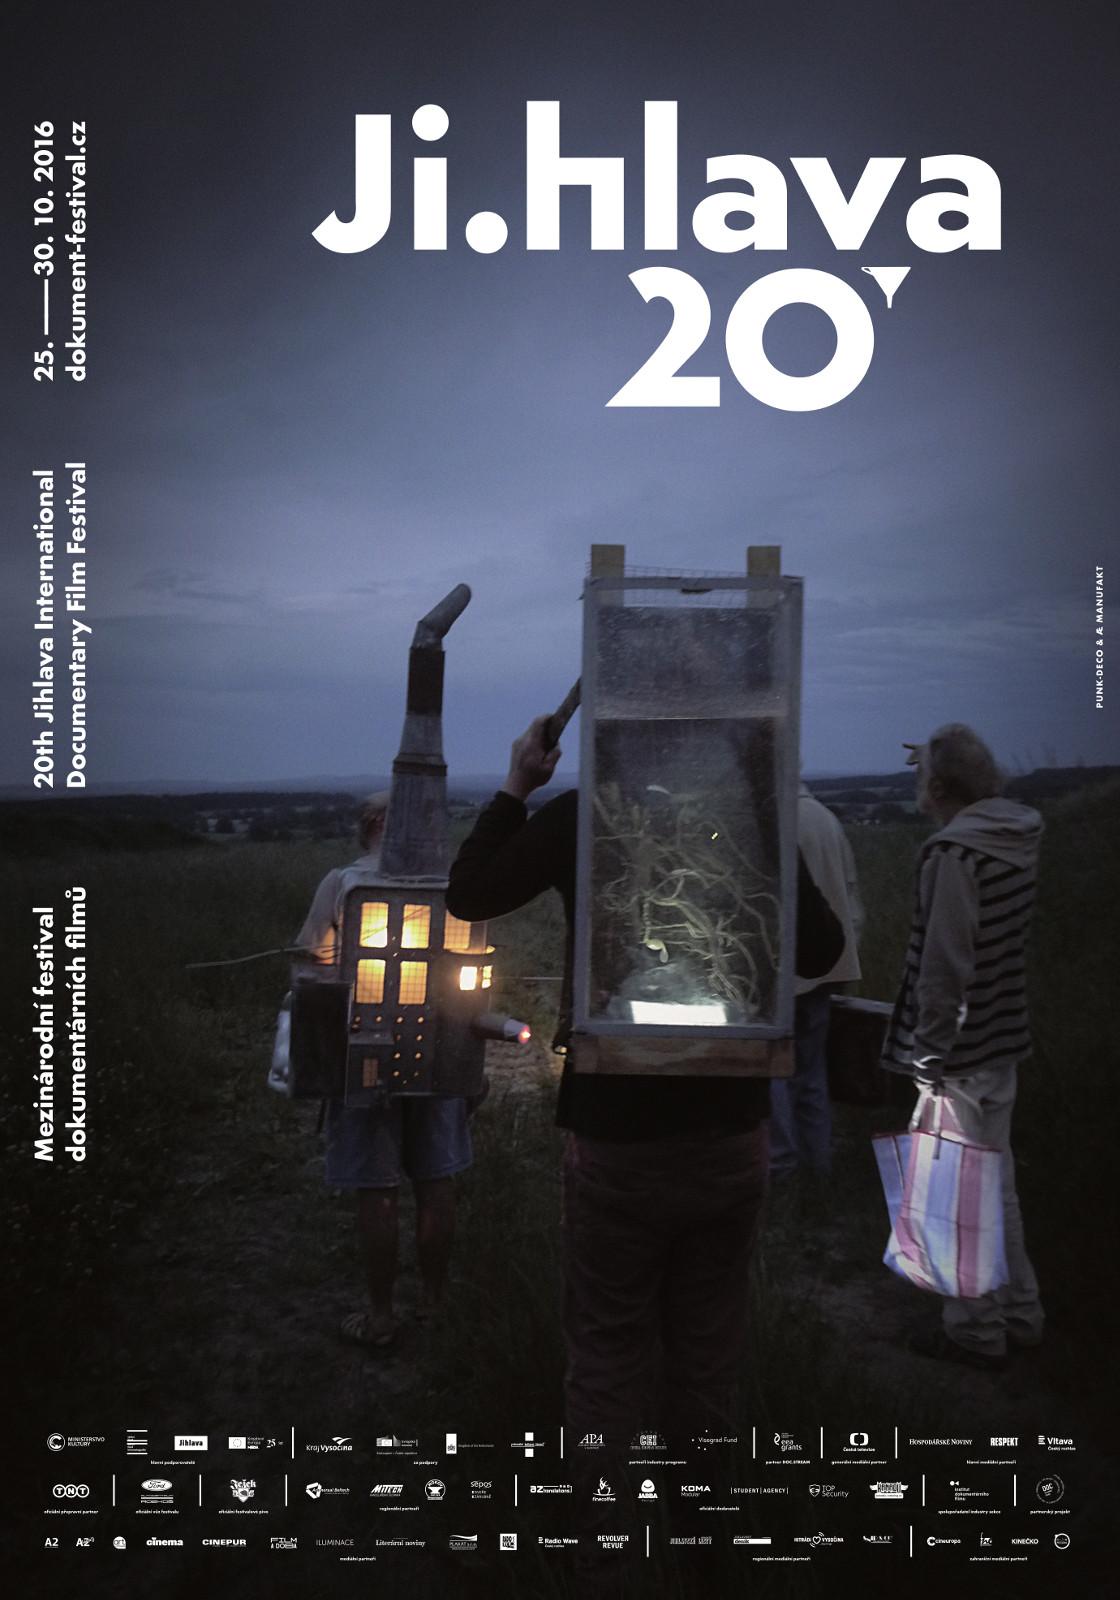 Plakát aktuálního ročníku jihlavského festivalu